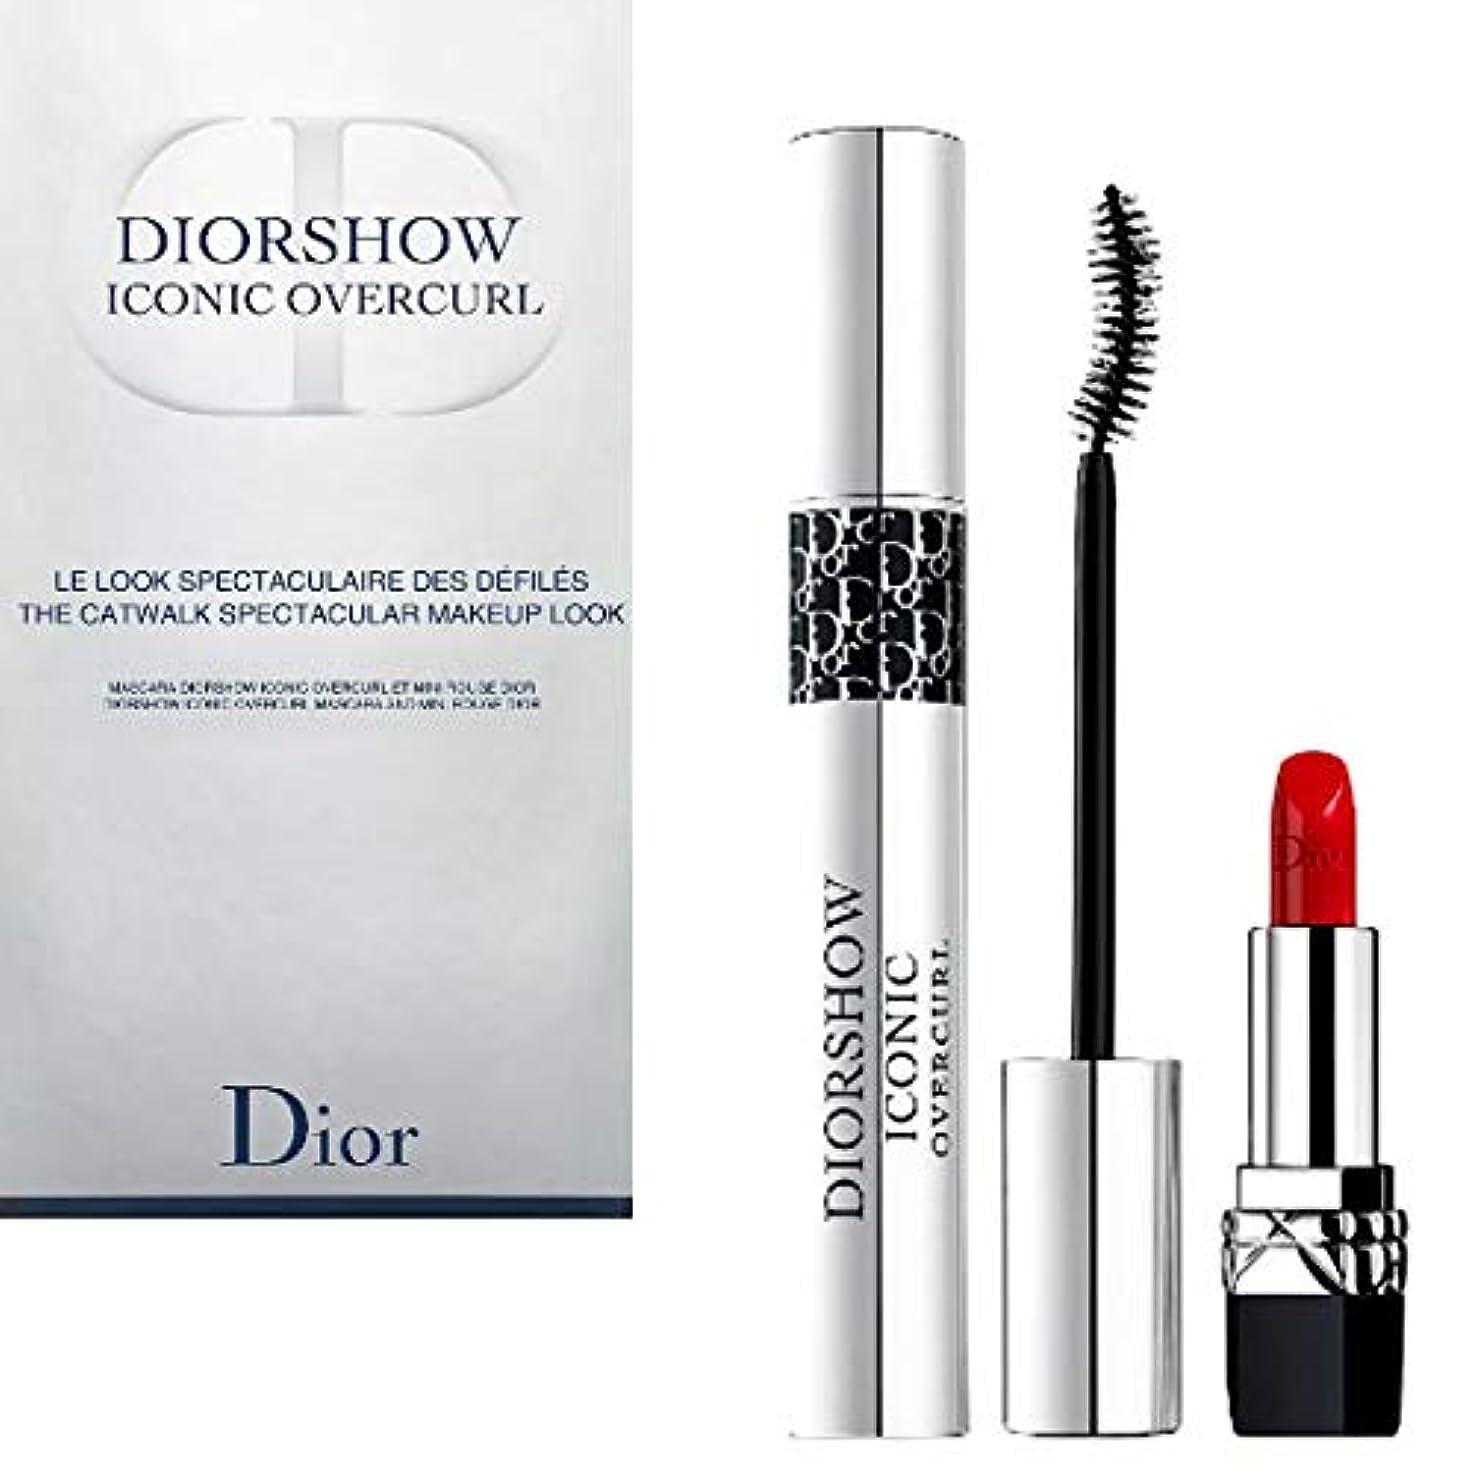 お手入れ愛情深いこねるDior, Diorshow Iconic Overcurl Catwalk Spectacular Makeup Look Set [海外直送品] [並行輸入品]